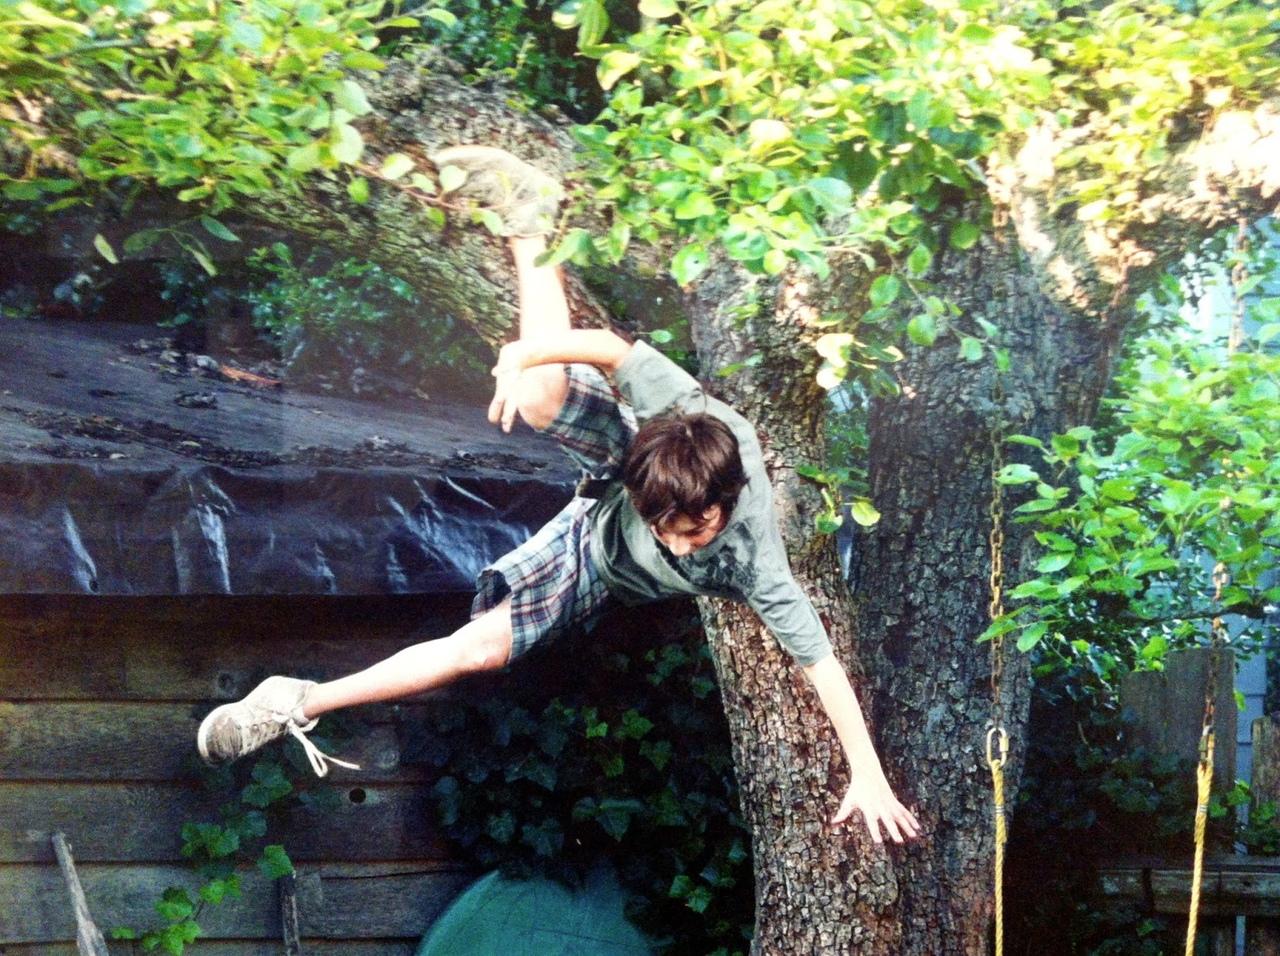 Мальчик упал с дерева и сломал плечо